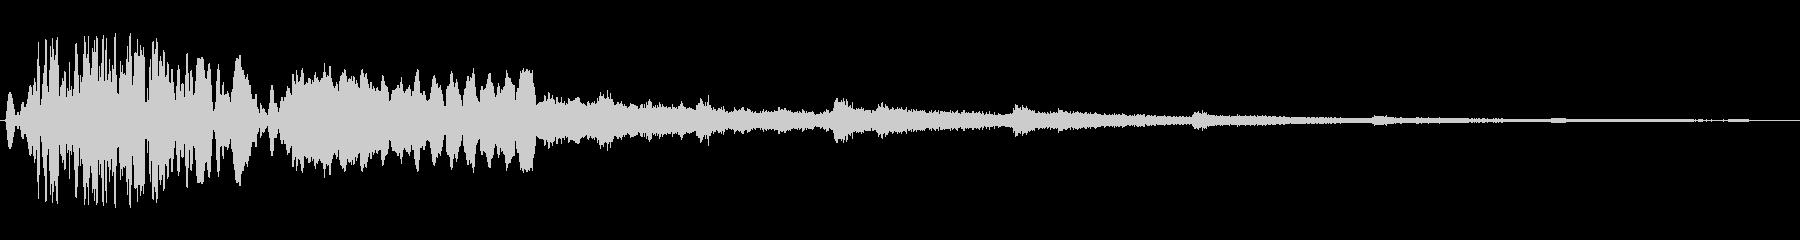 キラキラ(風が唸り輝くような音)の未再生の波形